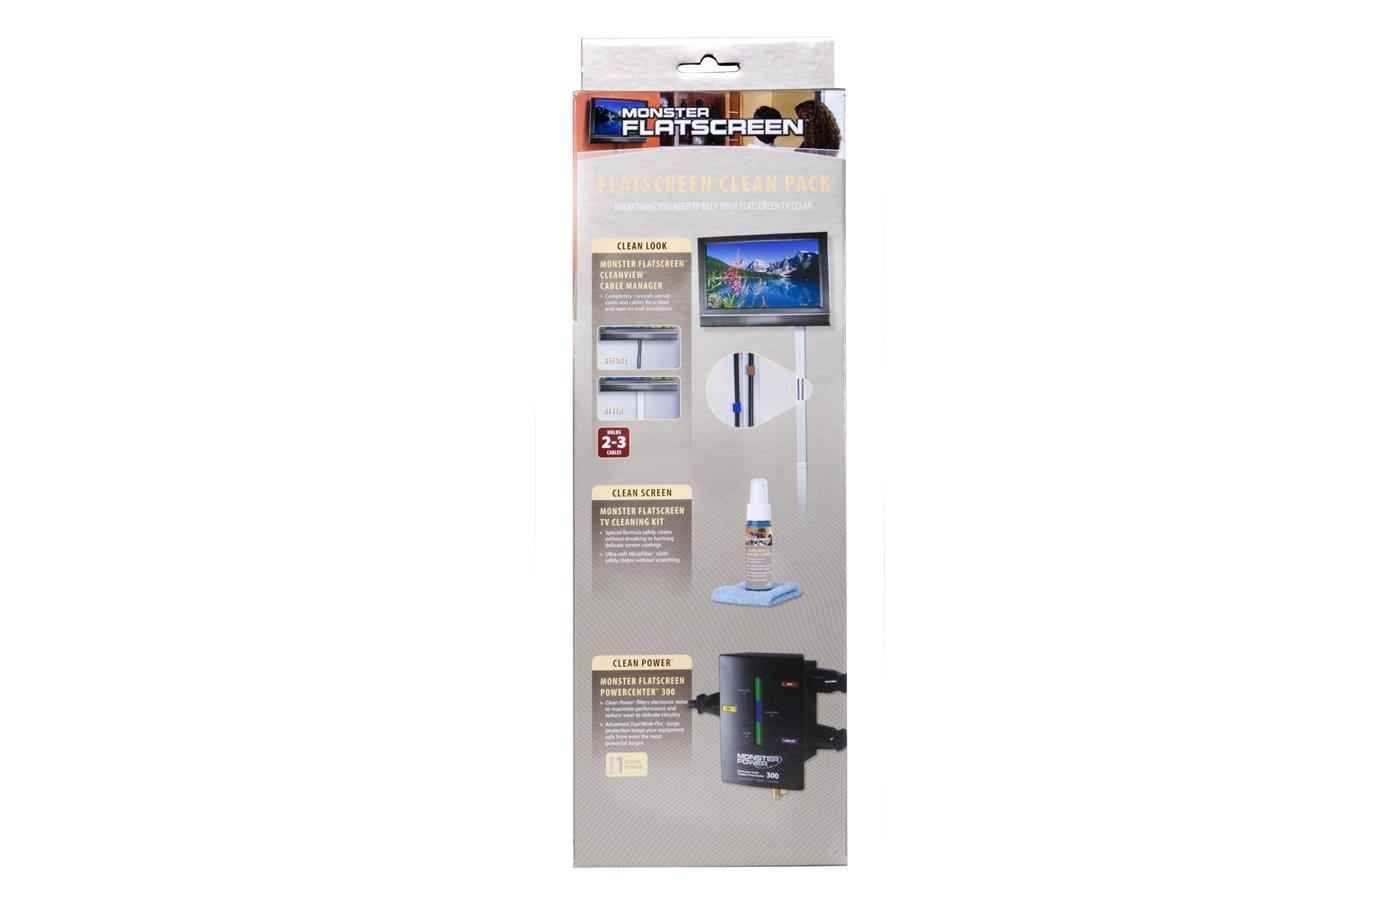 MONSTER FS CLN Pack FlatScreen Clean Pack